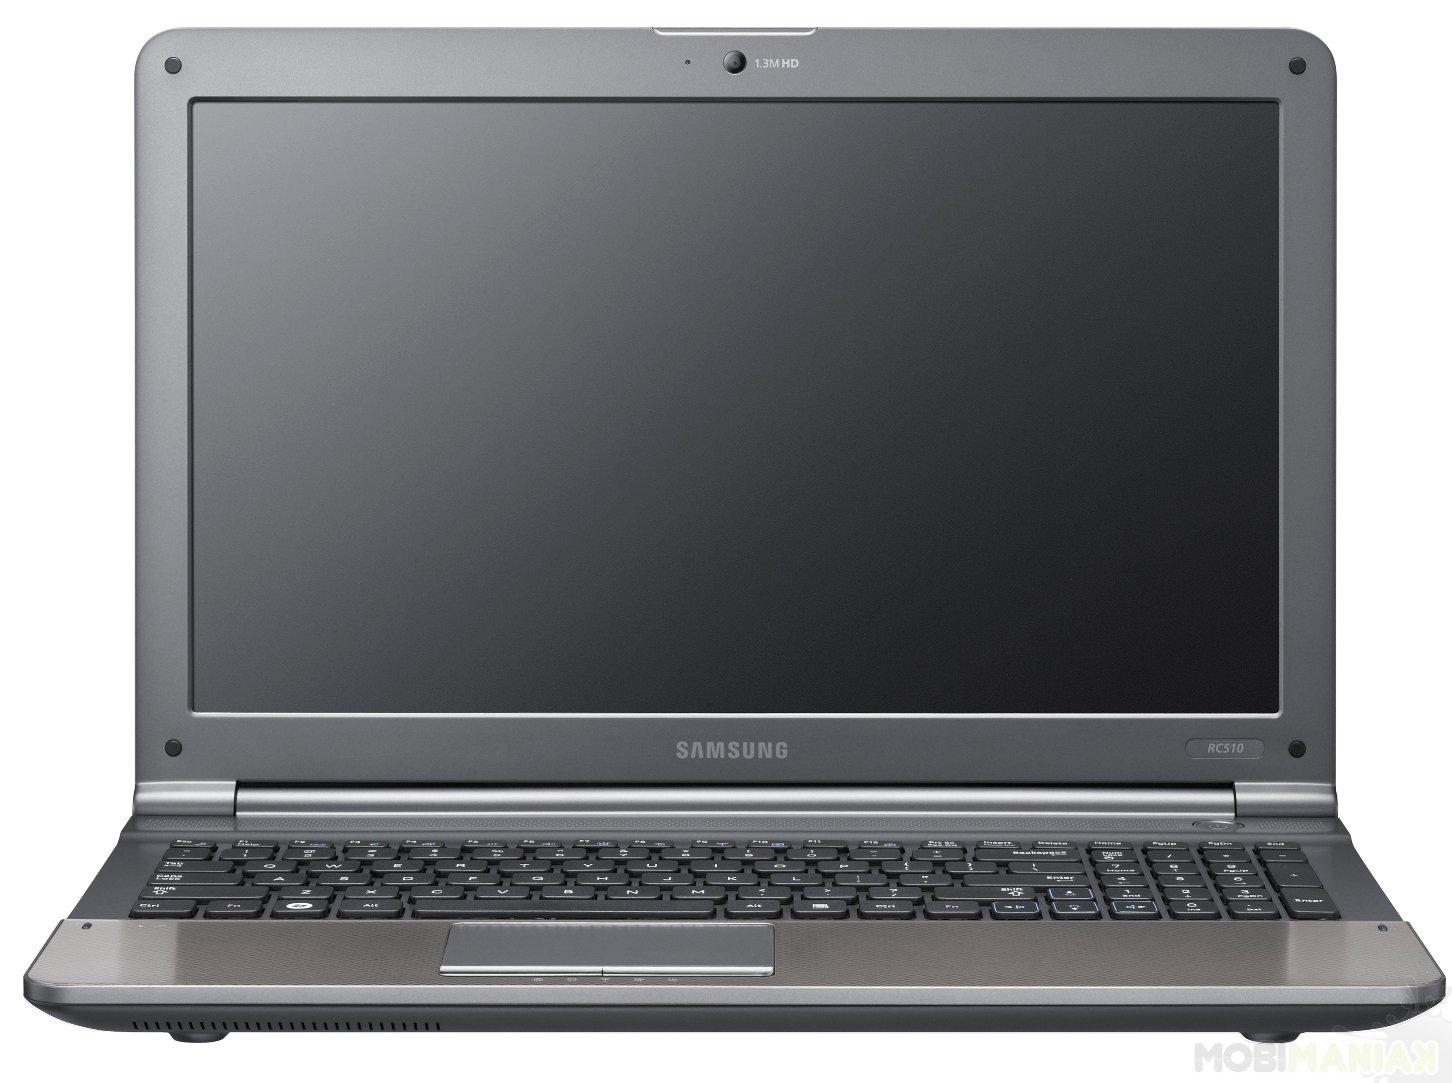 Драйвера для ноутбука samsung r540 скачать бесплатно